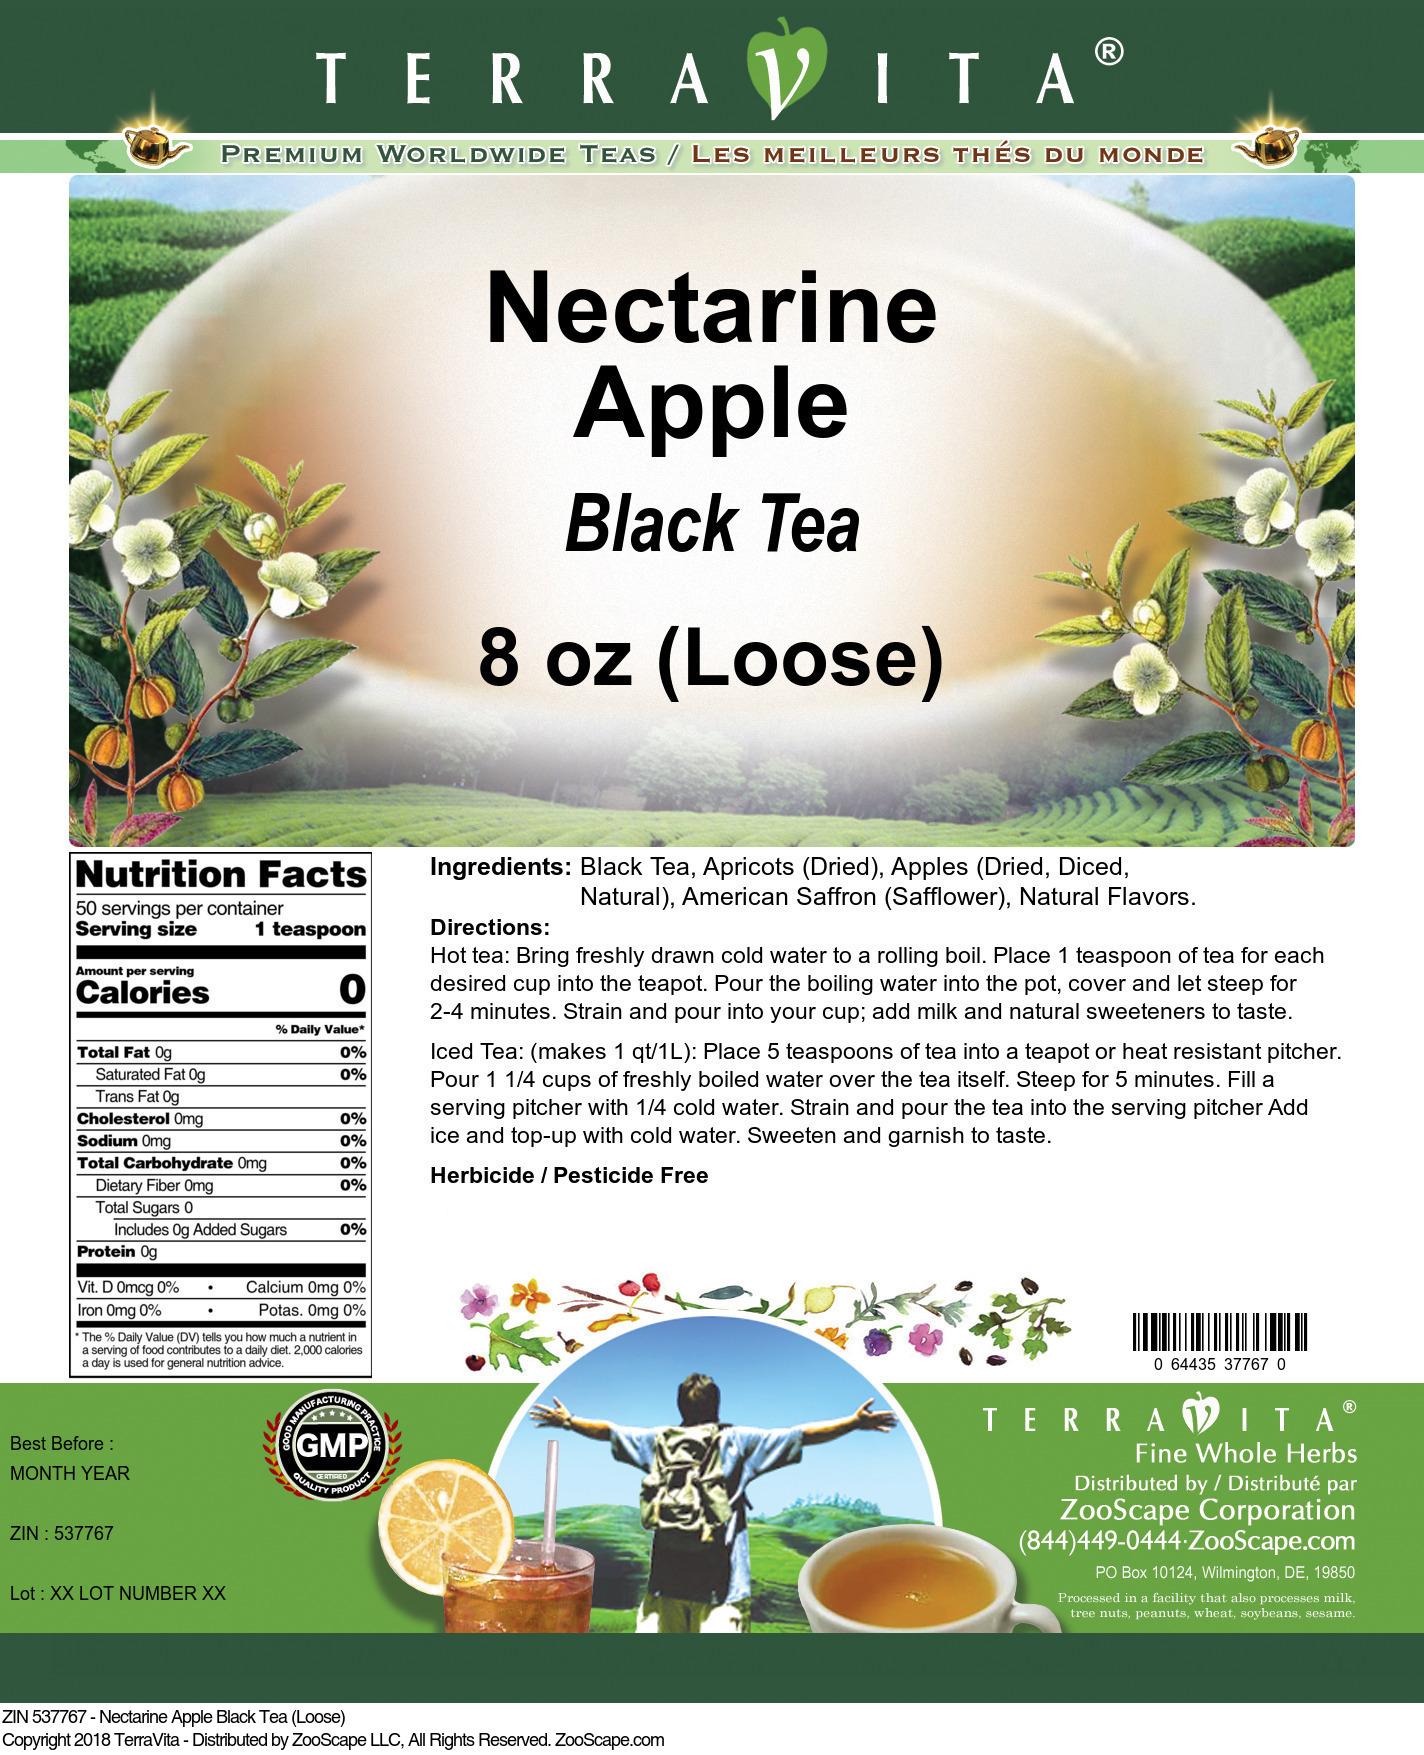 Nectarine Apple Black Tea (Loose)